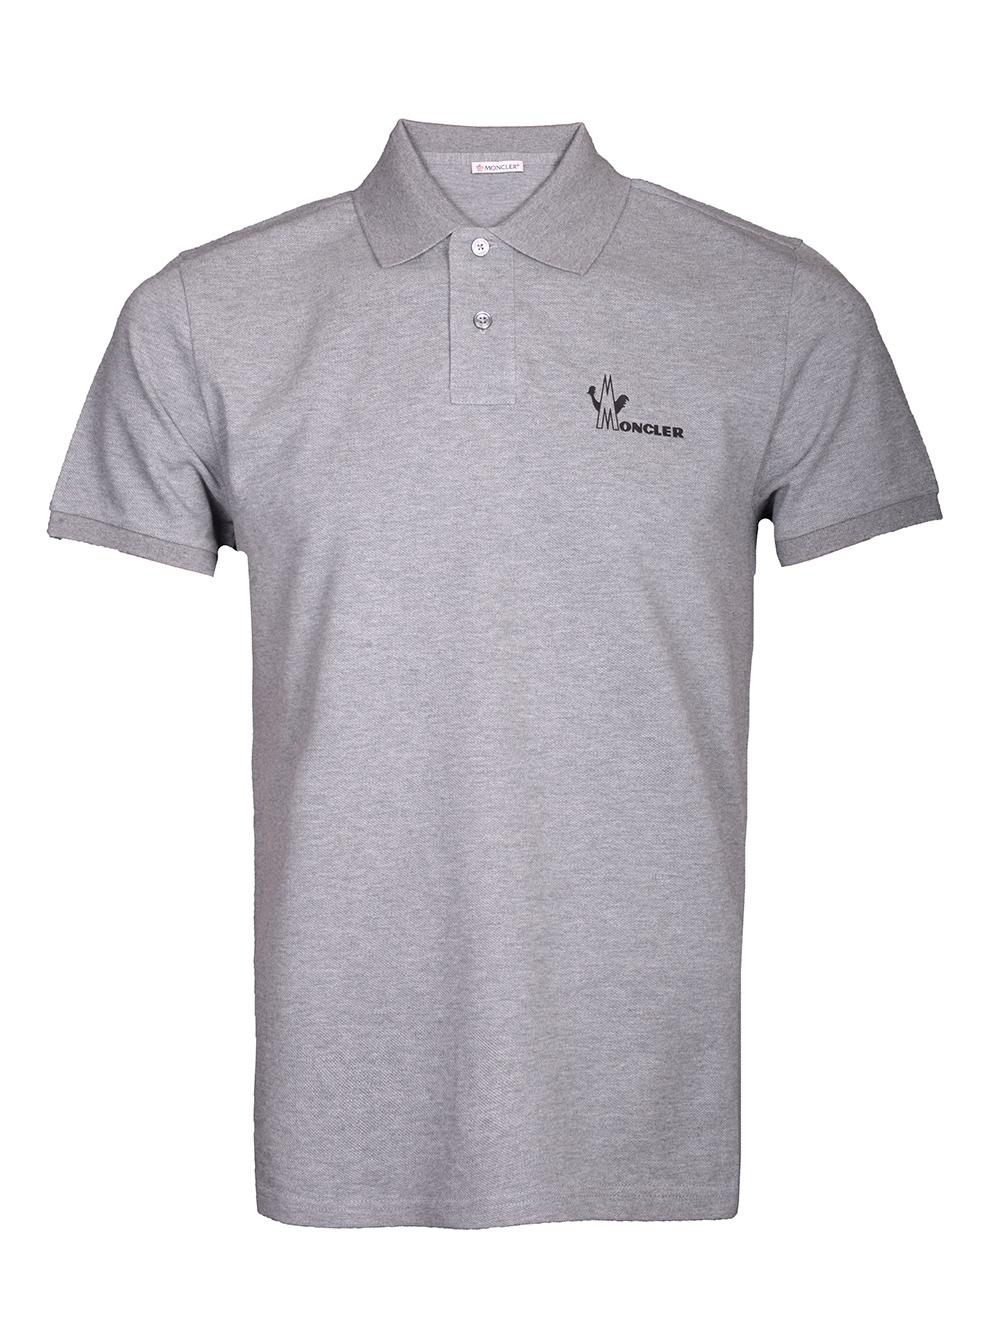 MONCLER Μπλούζα Polo E2-091-83244508 4556 ΓΚΡΙ